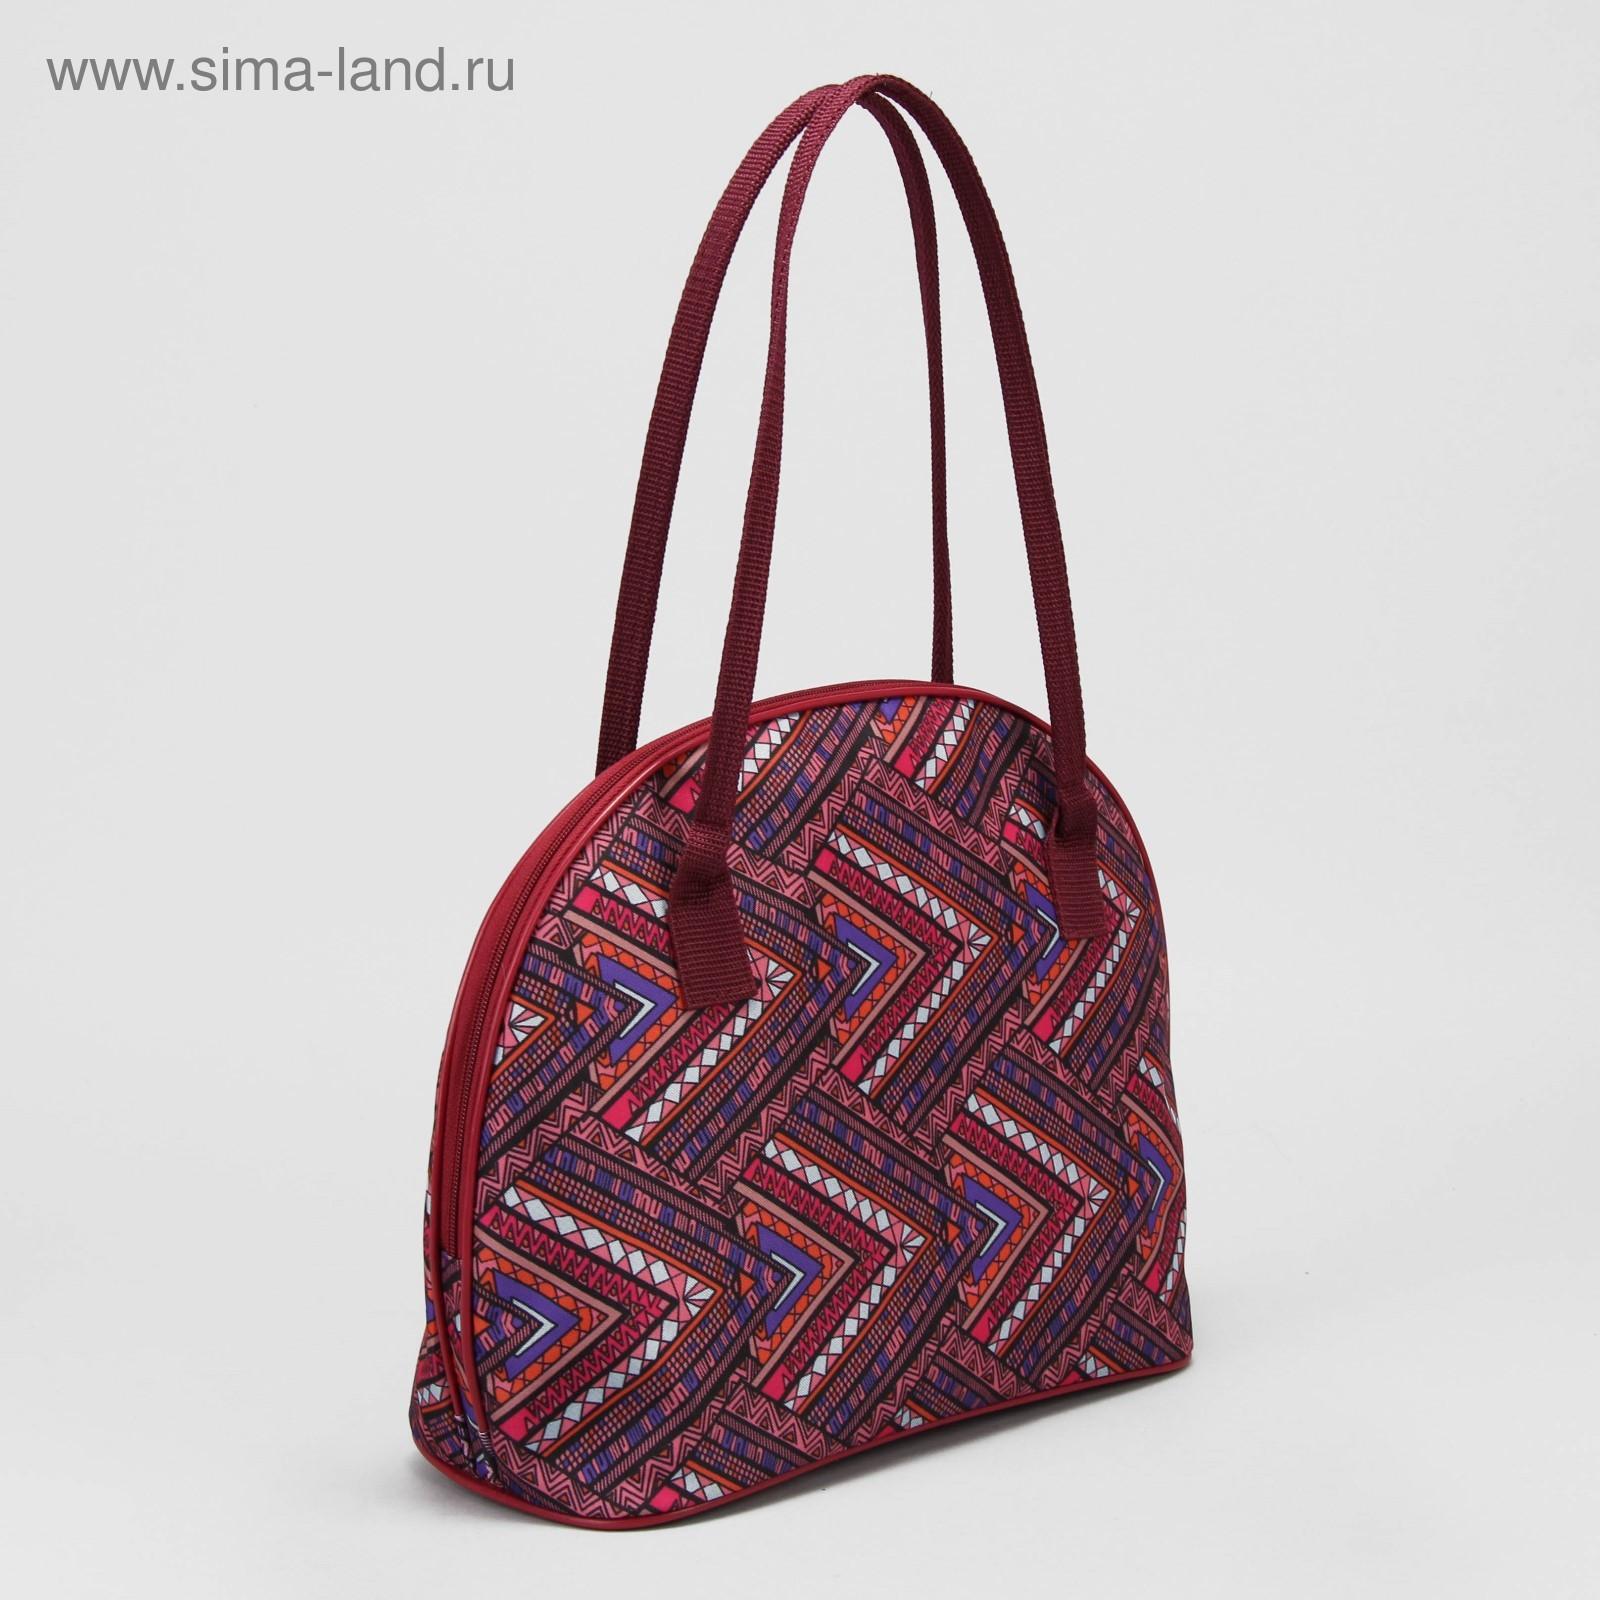 0cd492d87dc9 Сумка женская, отдел на молнии, наружный карман, цвет бордовый/орнамент